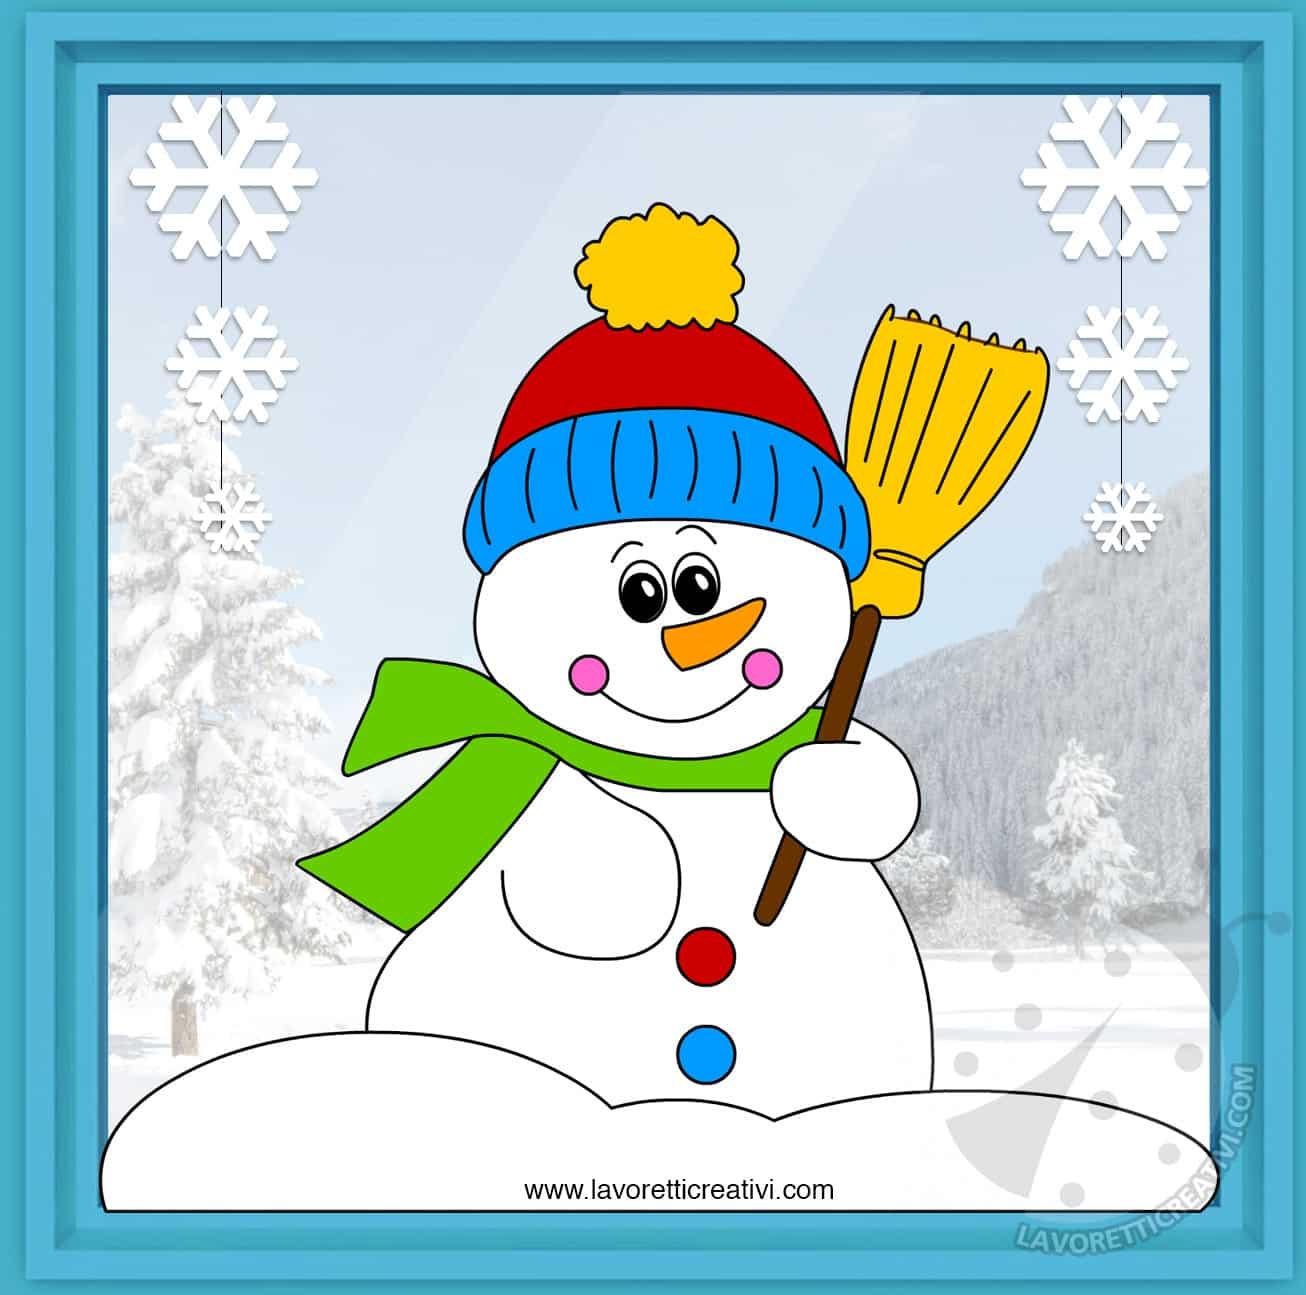 Decorare Finestre Per Natale Scuola decorazioni invernali per scuola pupazzo di neve con scopa